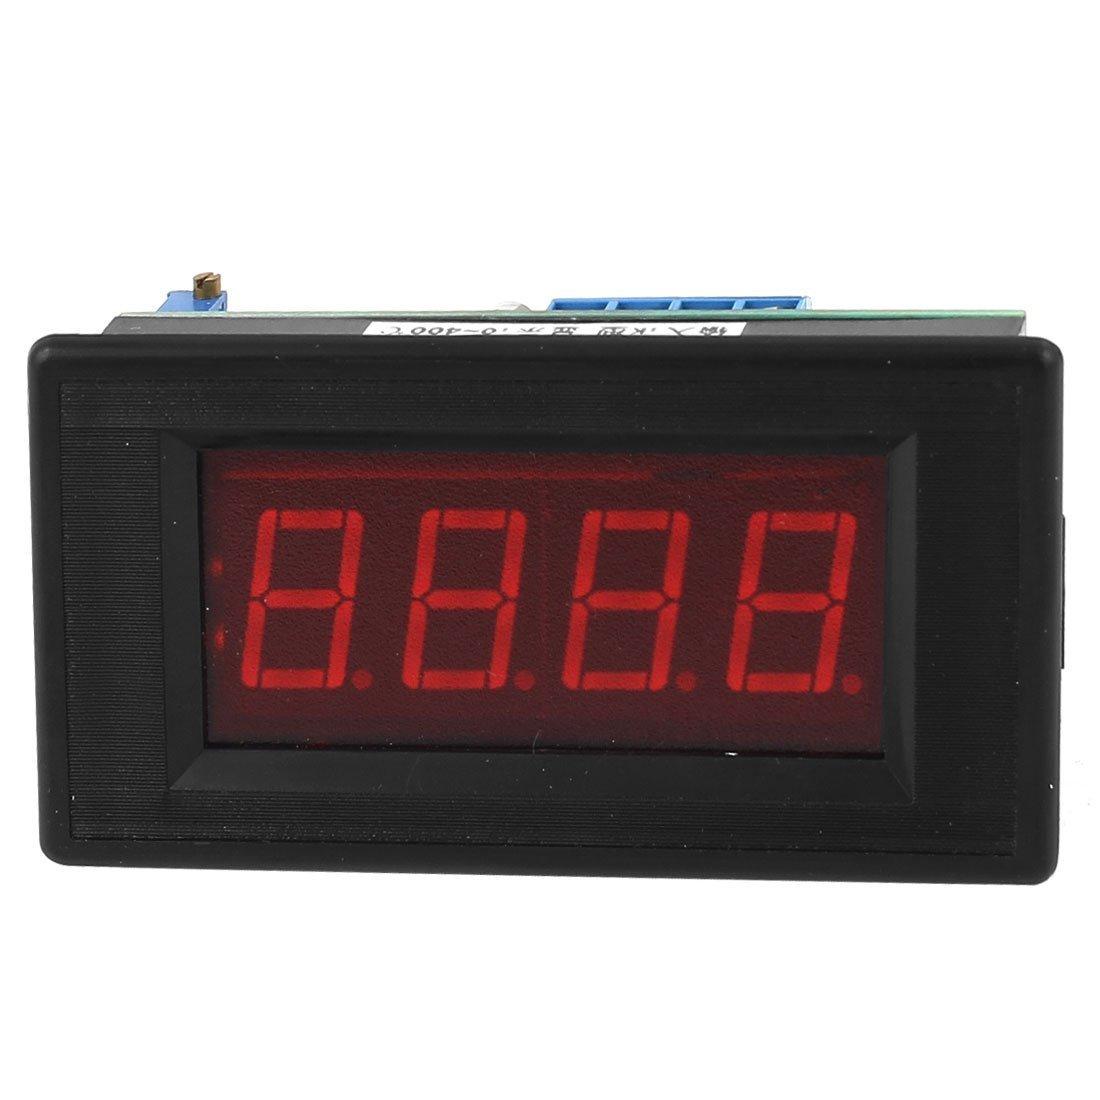 Amazon.com: eDealMax LED Rosso DC5V Esposizione 0-400C K Tipo di schermo termometro termometro: Home & Kitchen